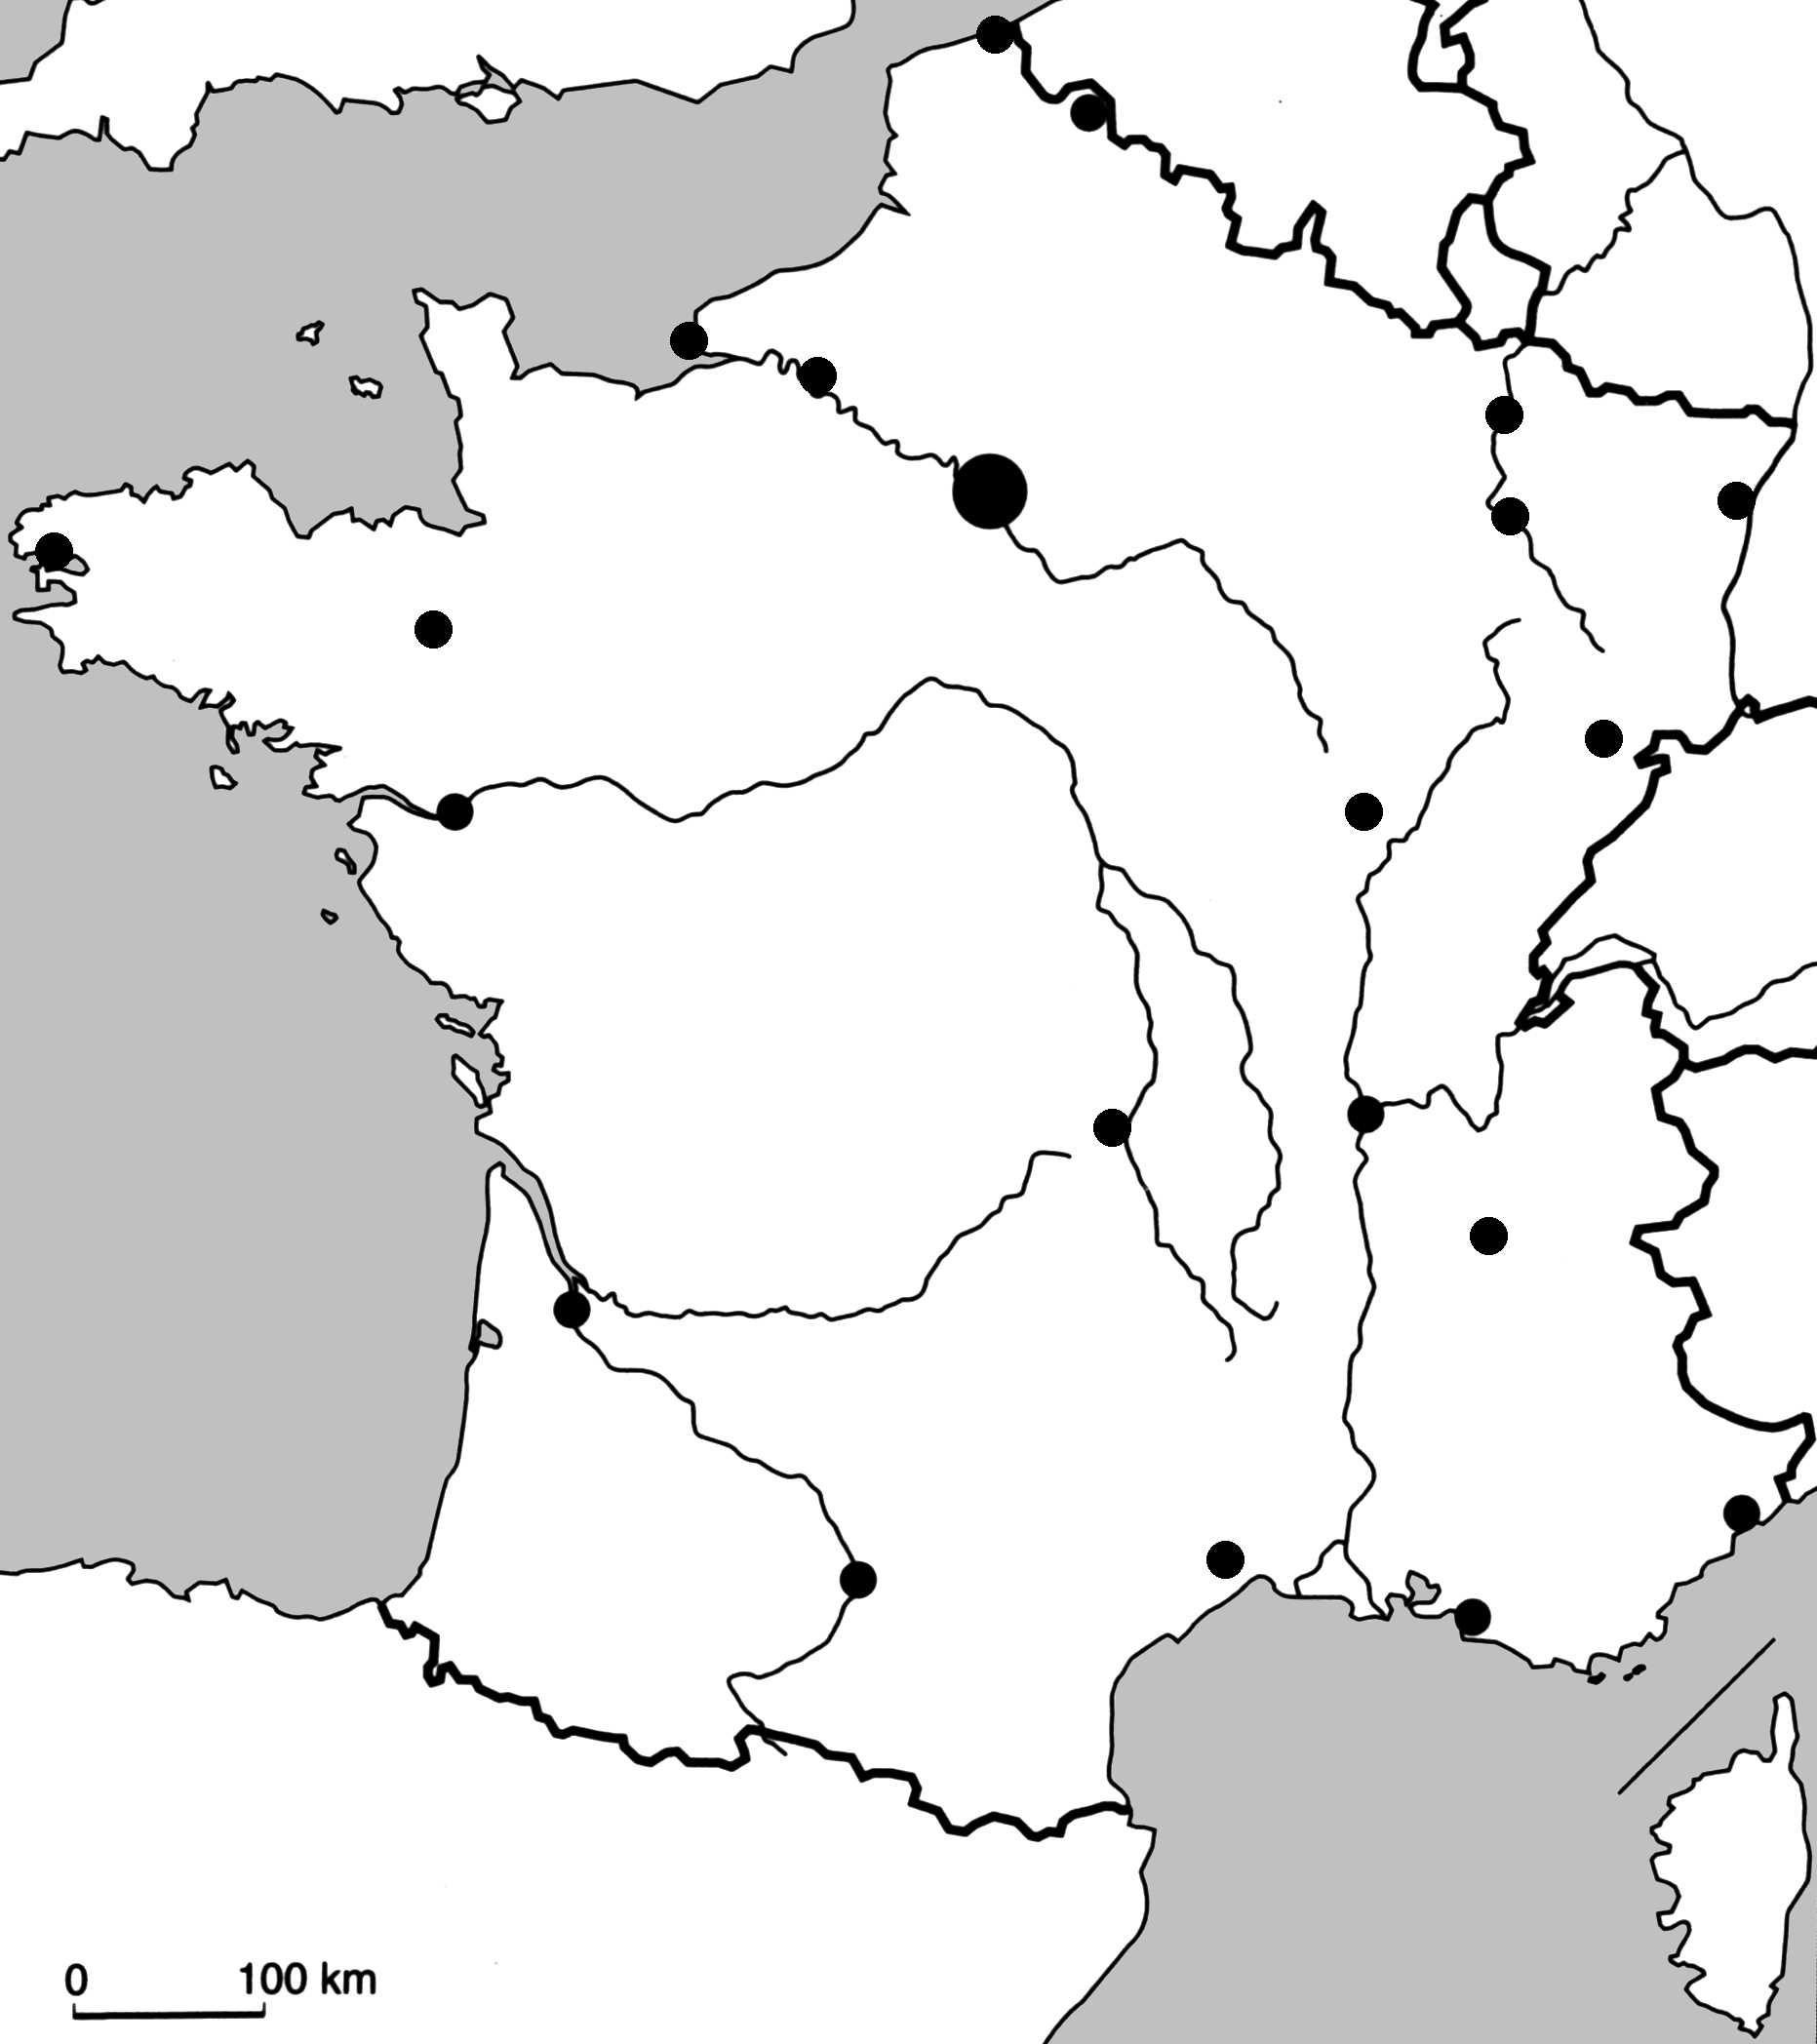 Afficher L'image D'origine | Carte France Vierge, Fleuve De avec Carte France Vierge Villes